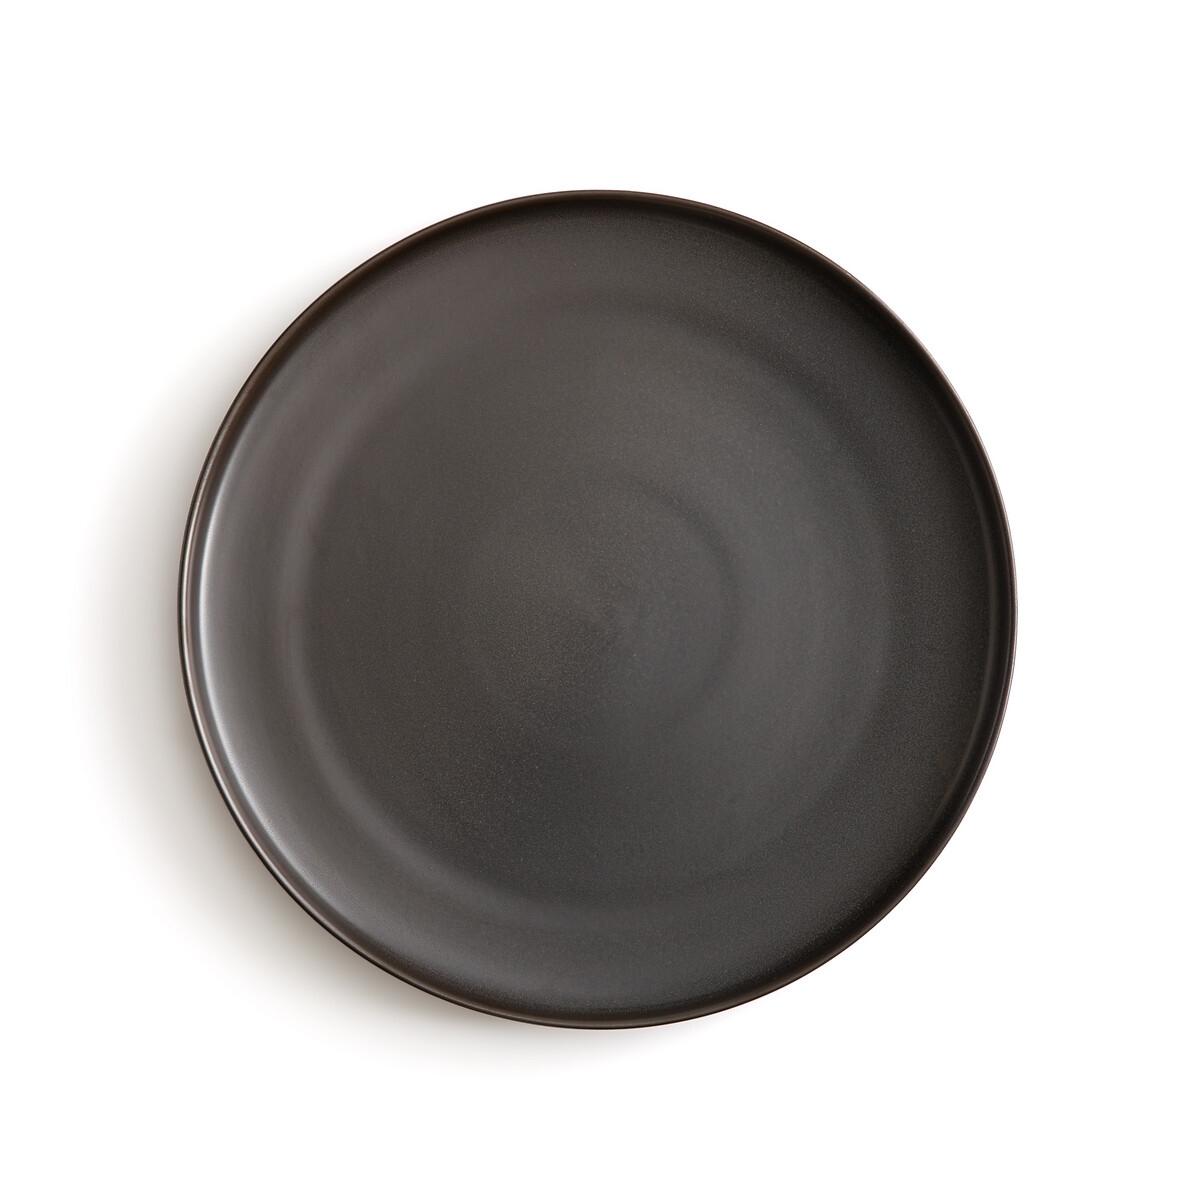 Фото - 4 мелкие LaRedoute Тарелки из глазурованной керамики Akira единый размер черный 4 десертные laredoute тарелки из глазурованной керамики anika единый размер серый